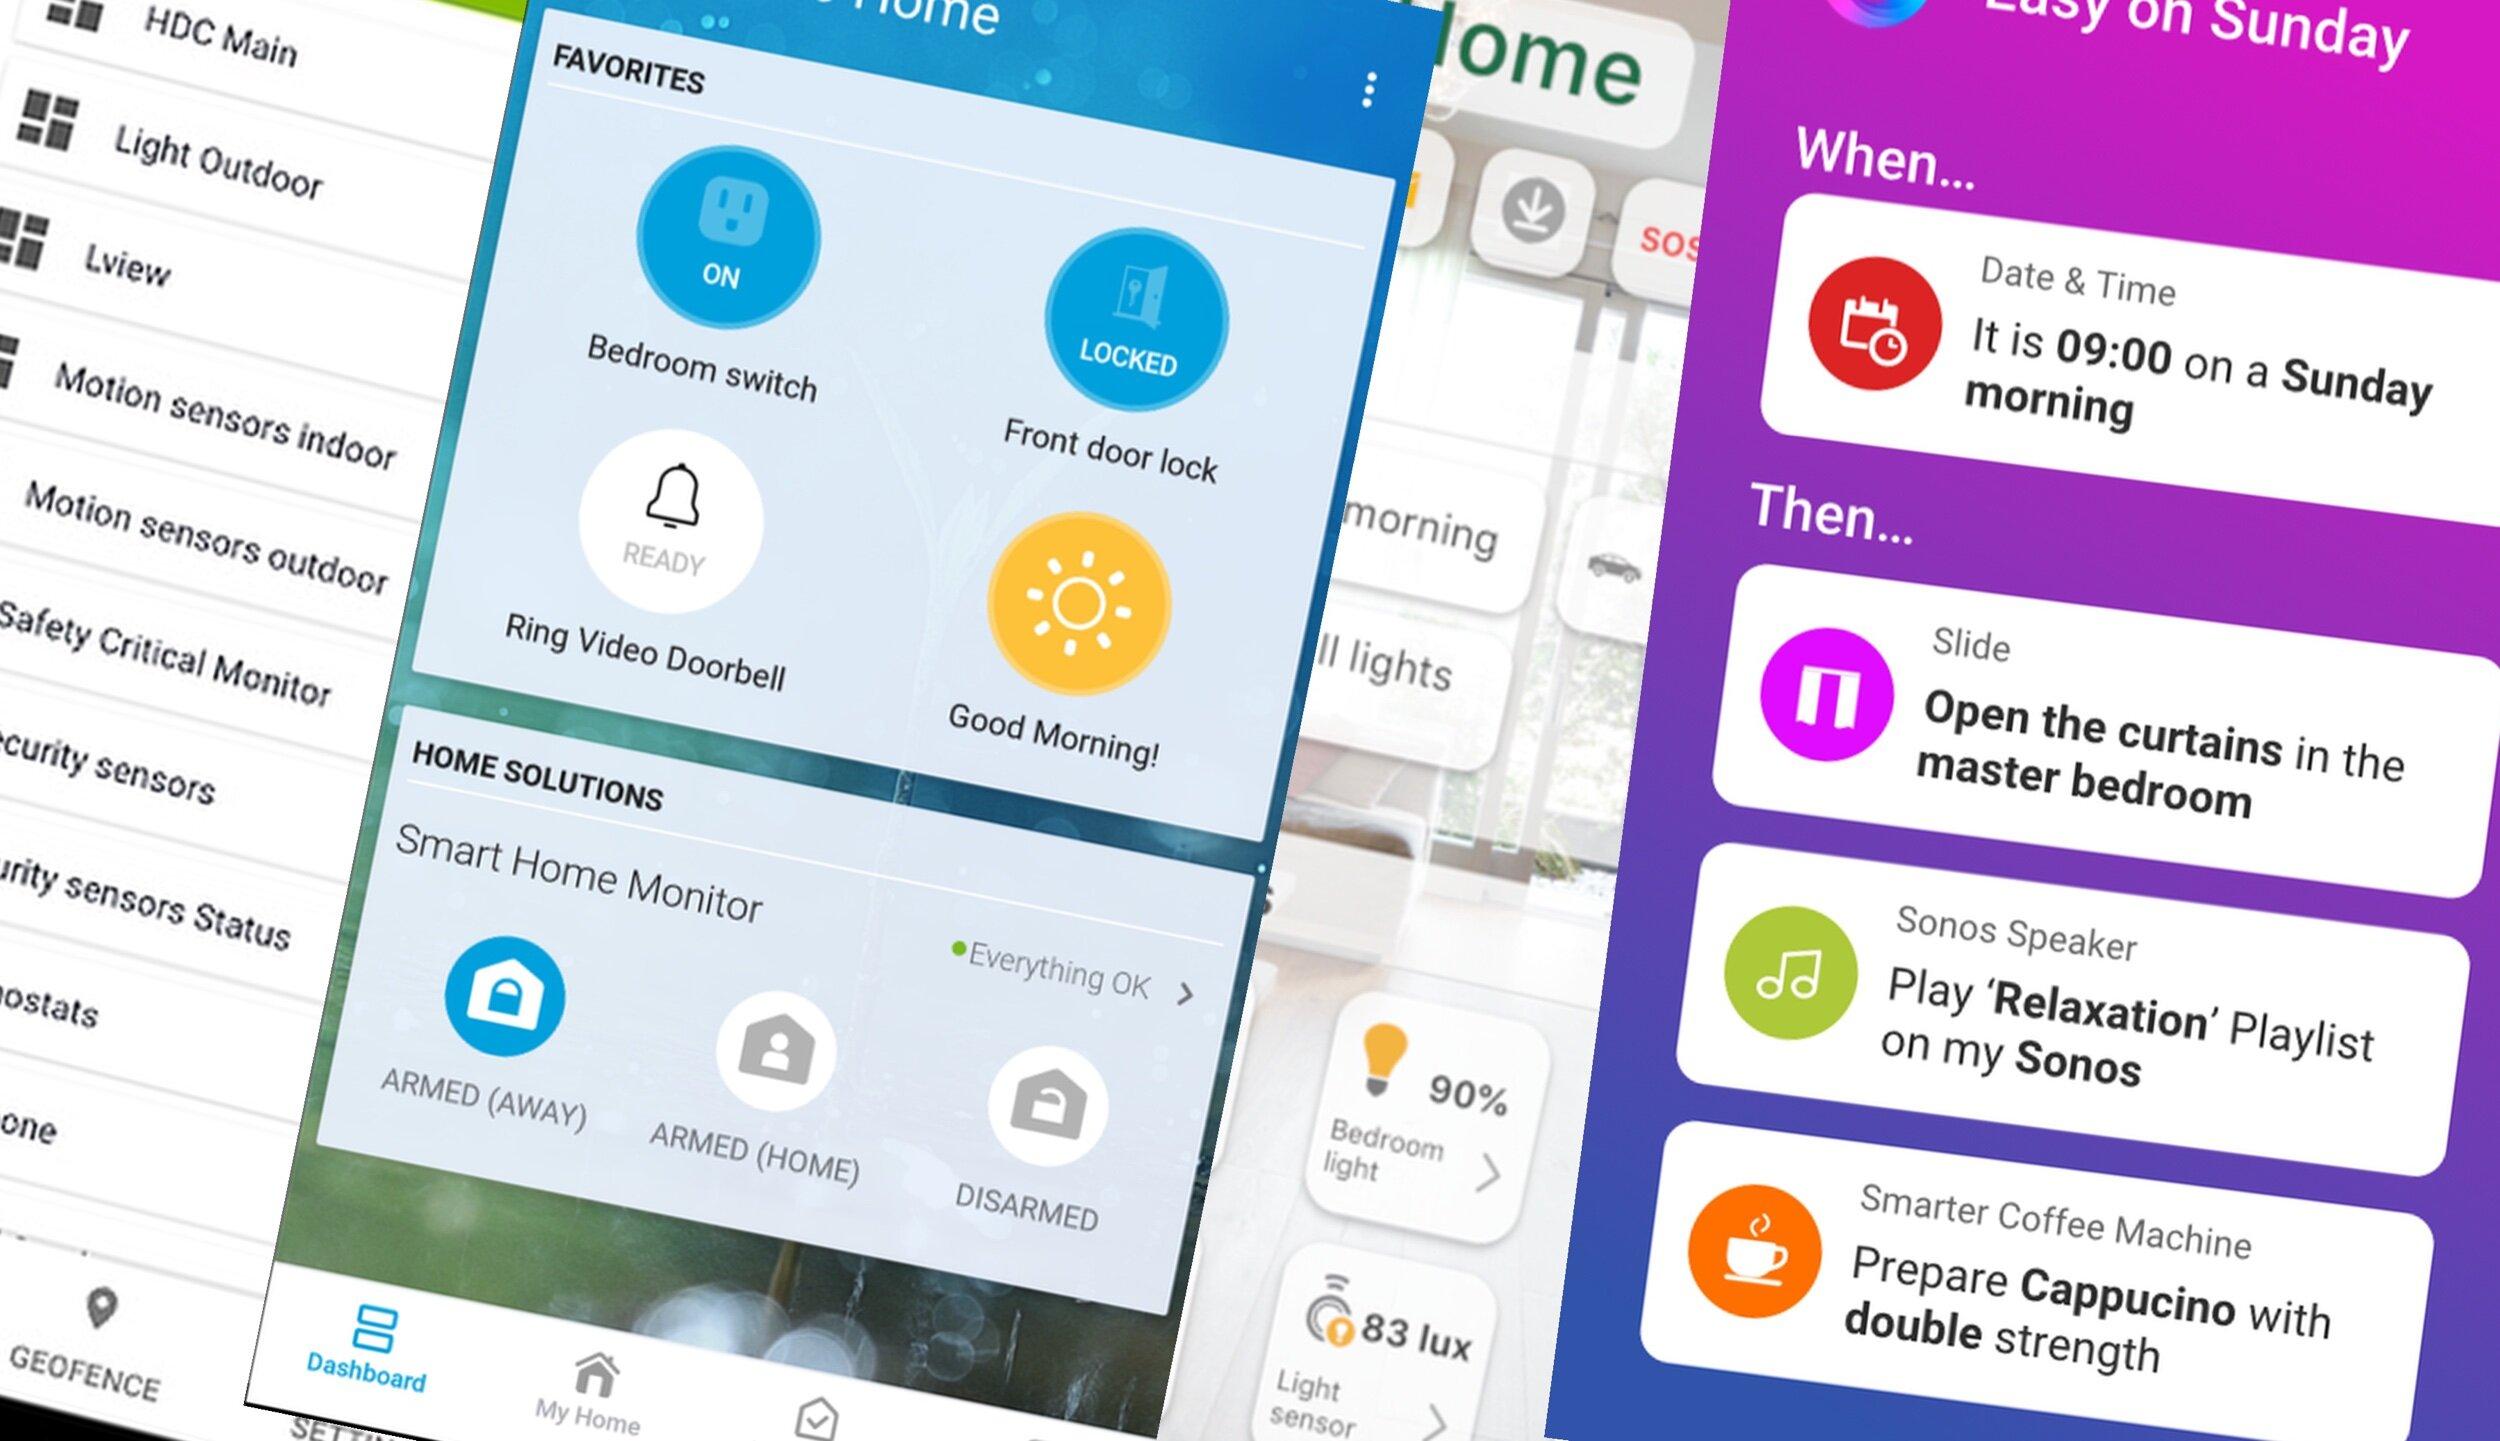 Hub Mobile Apps